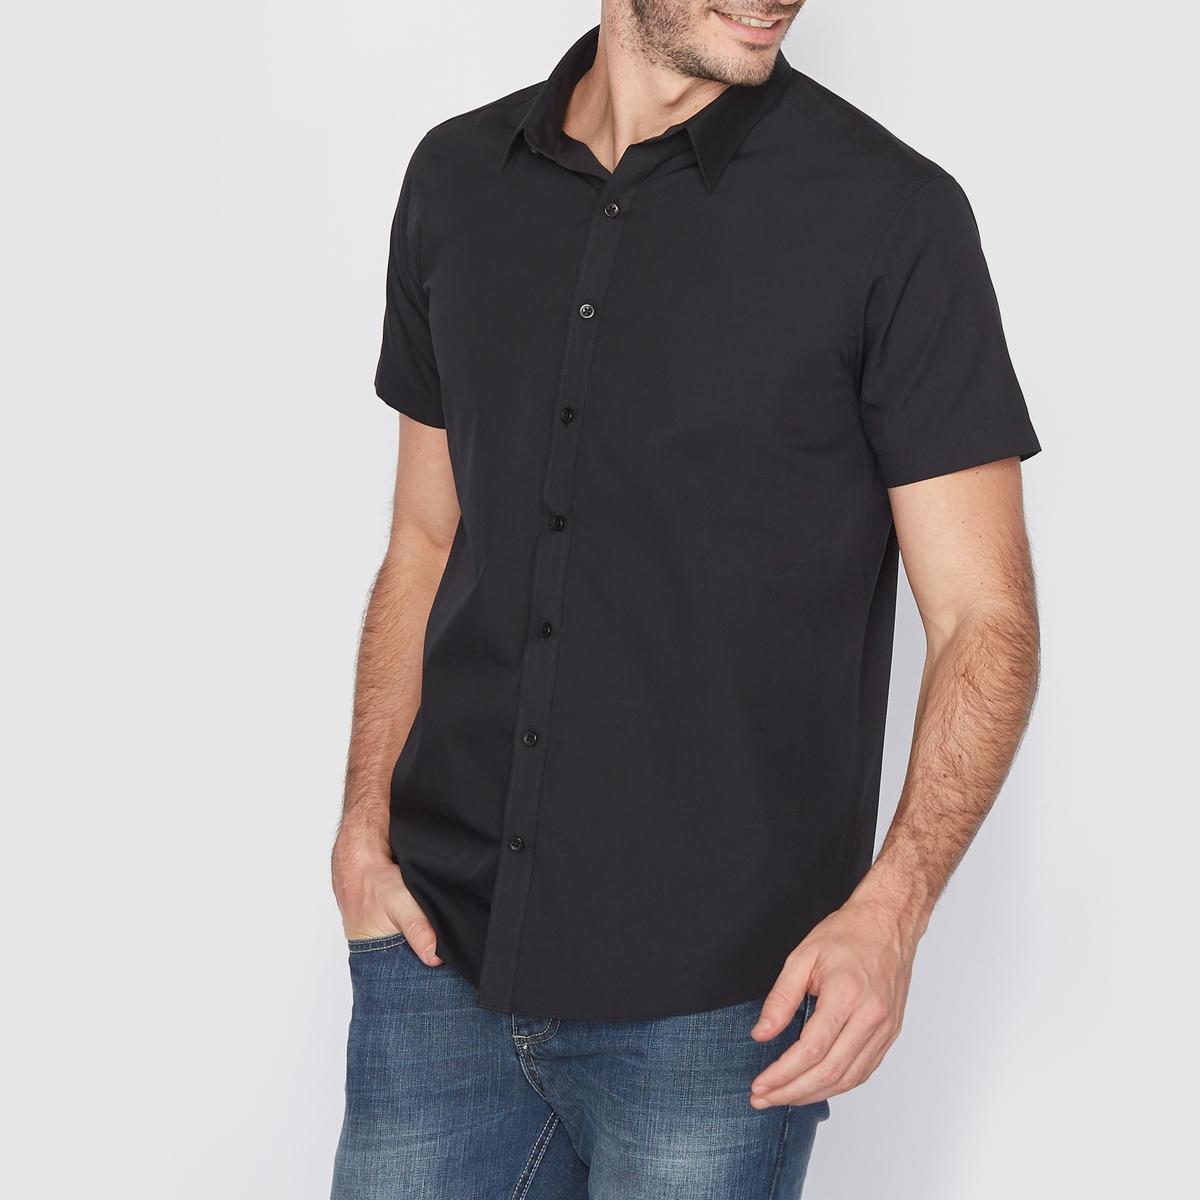 Рубашка однотонная прямого покрояРубашка с короткими рукавами, прямой покрой, воротник со свободными уголками. Длина 77 см. Легкая глажка.Закругленный низ. 55% хлопка, 45% полиэстера.<br><br>Цвет: черный